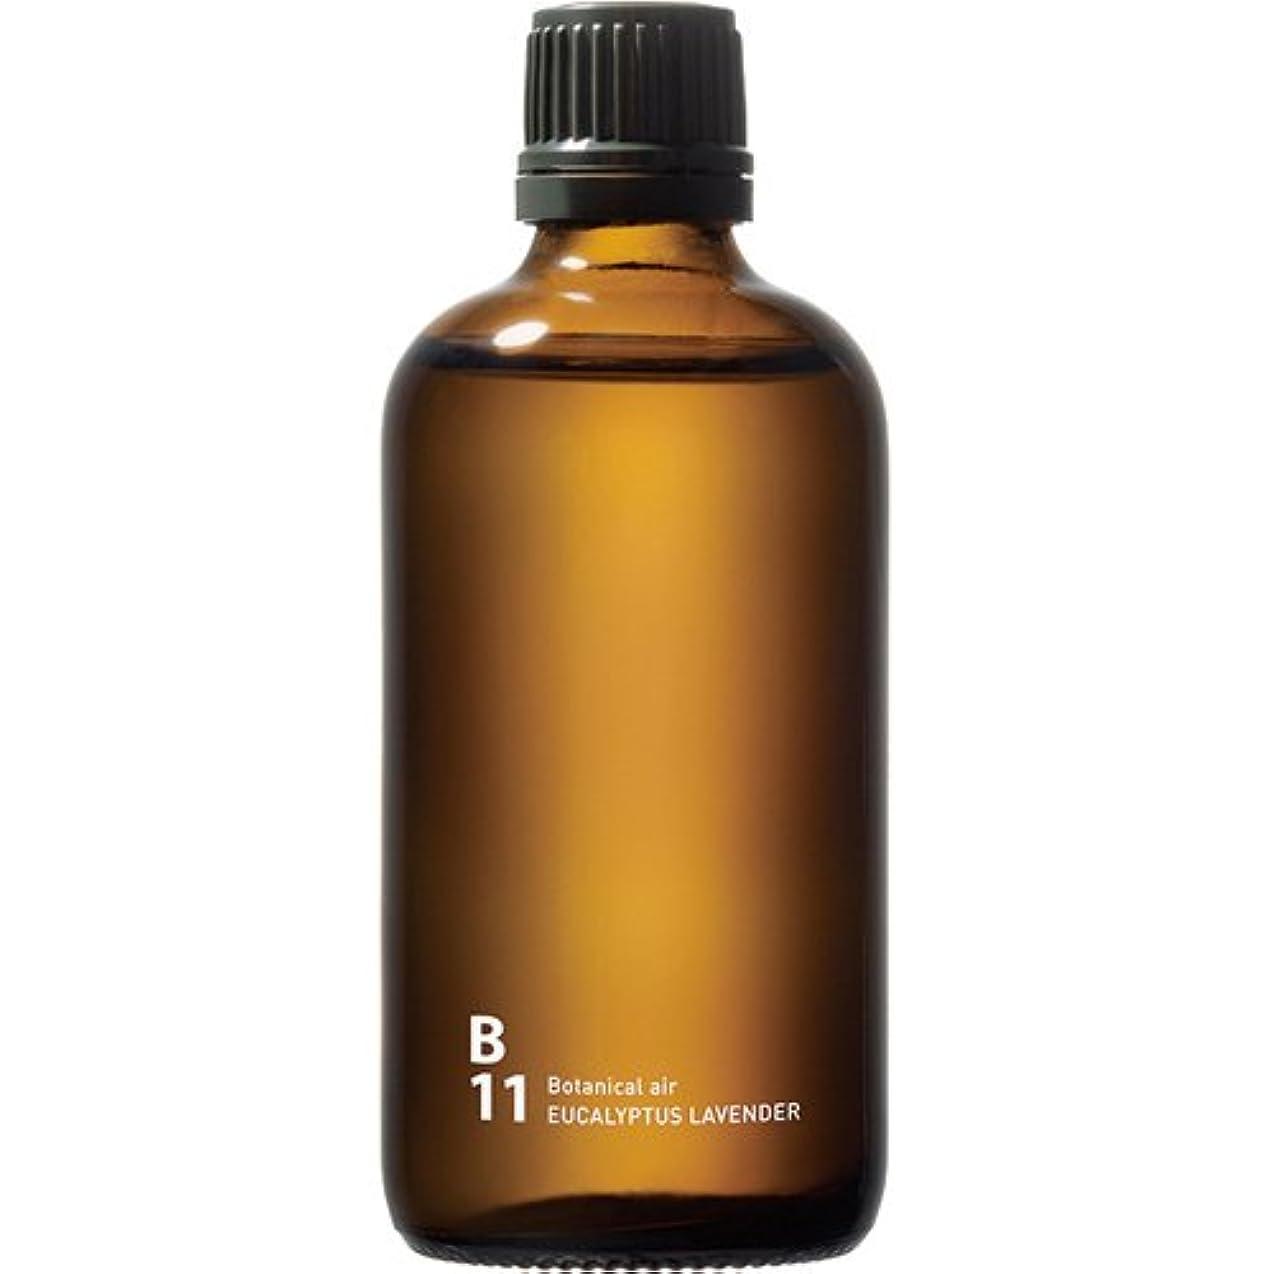 ラブクレーターサービスB11 EUCALYPTUS LAVENDER piezo aroma oil 100ml